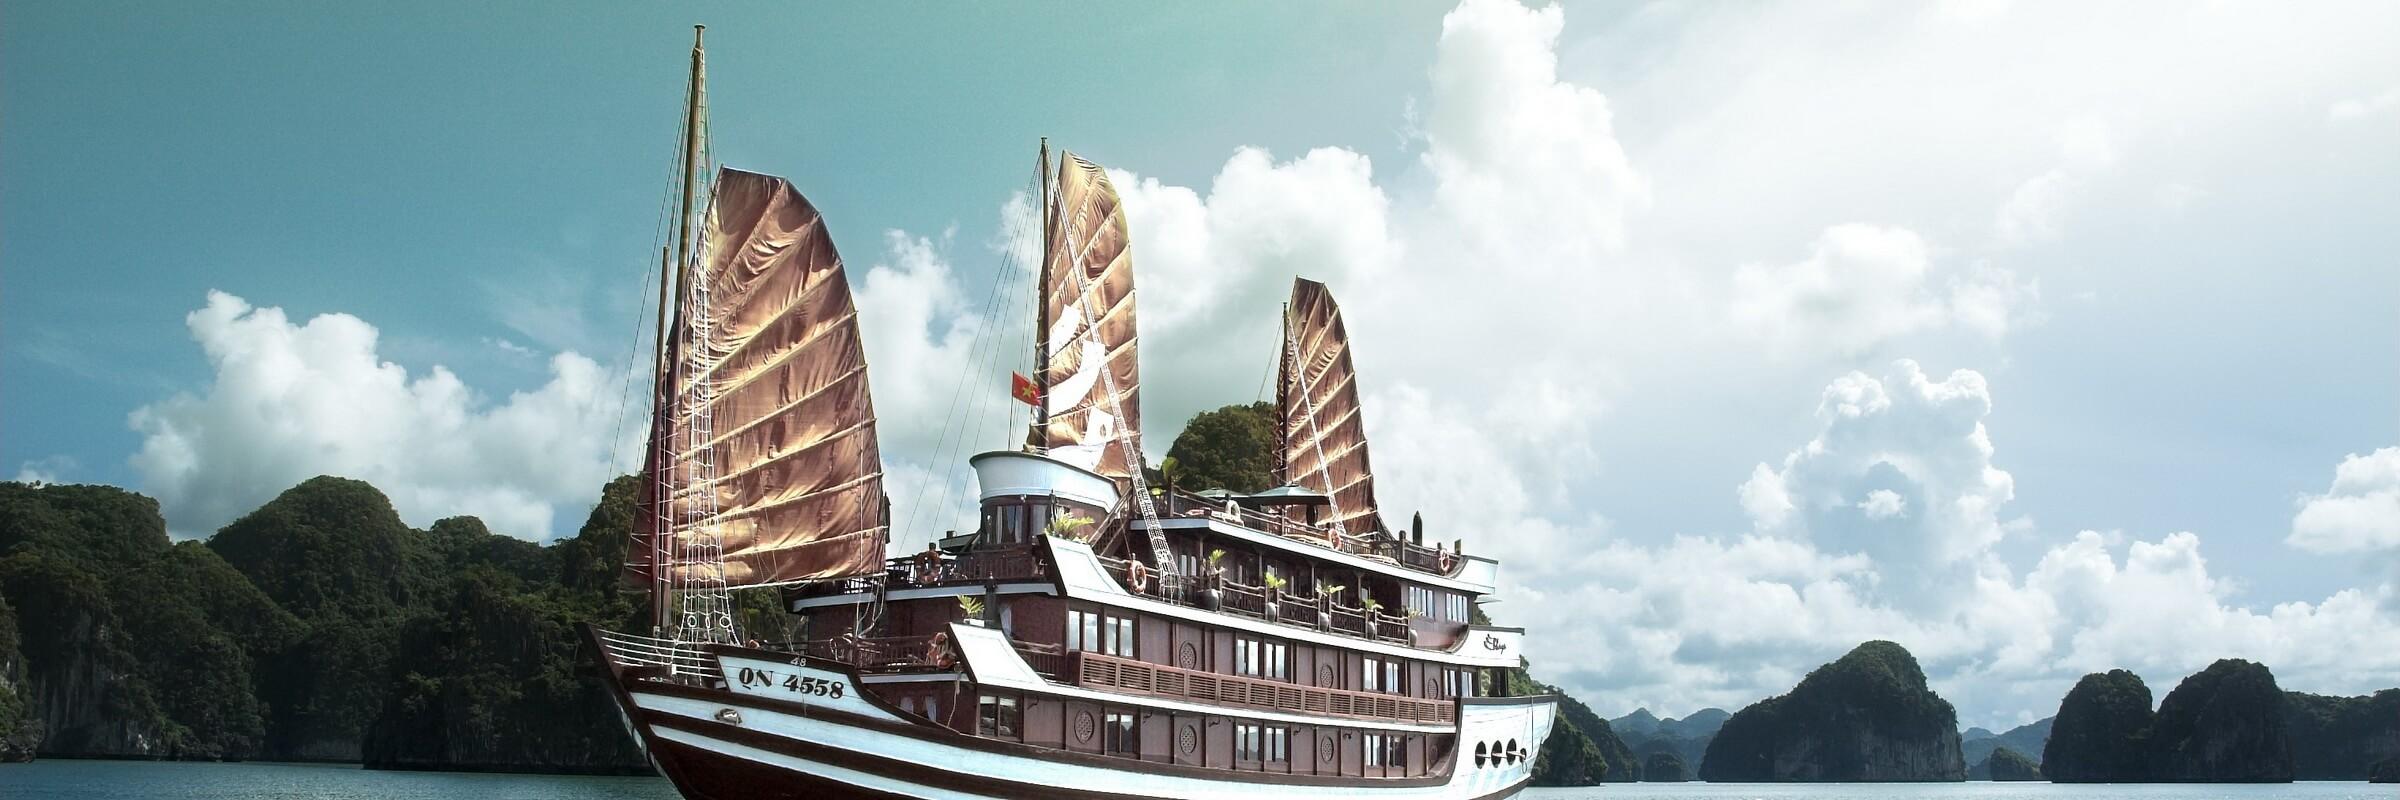 Die Bhaya Cruise in der Halong Bucht, Vietnam